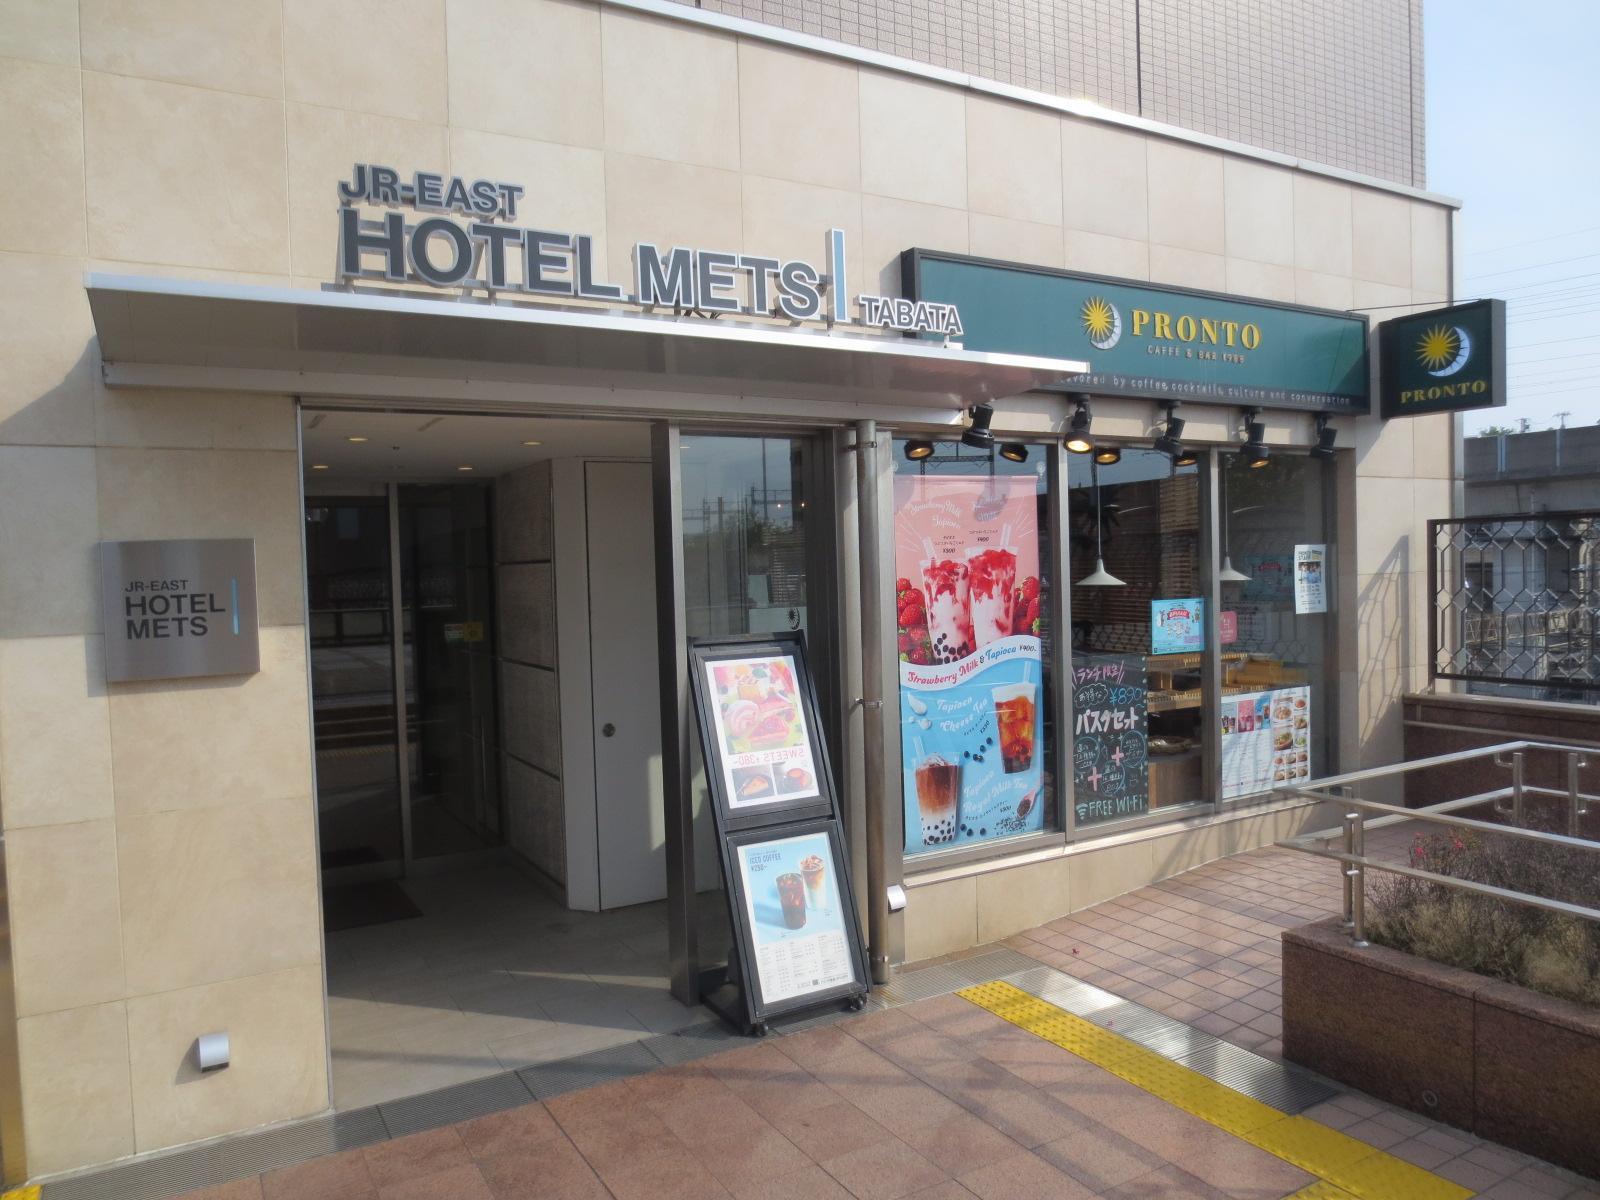 JR EAST HOTEL METS TABATA